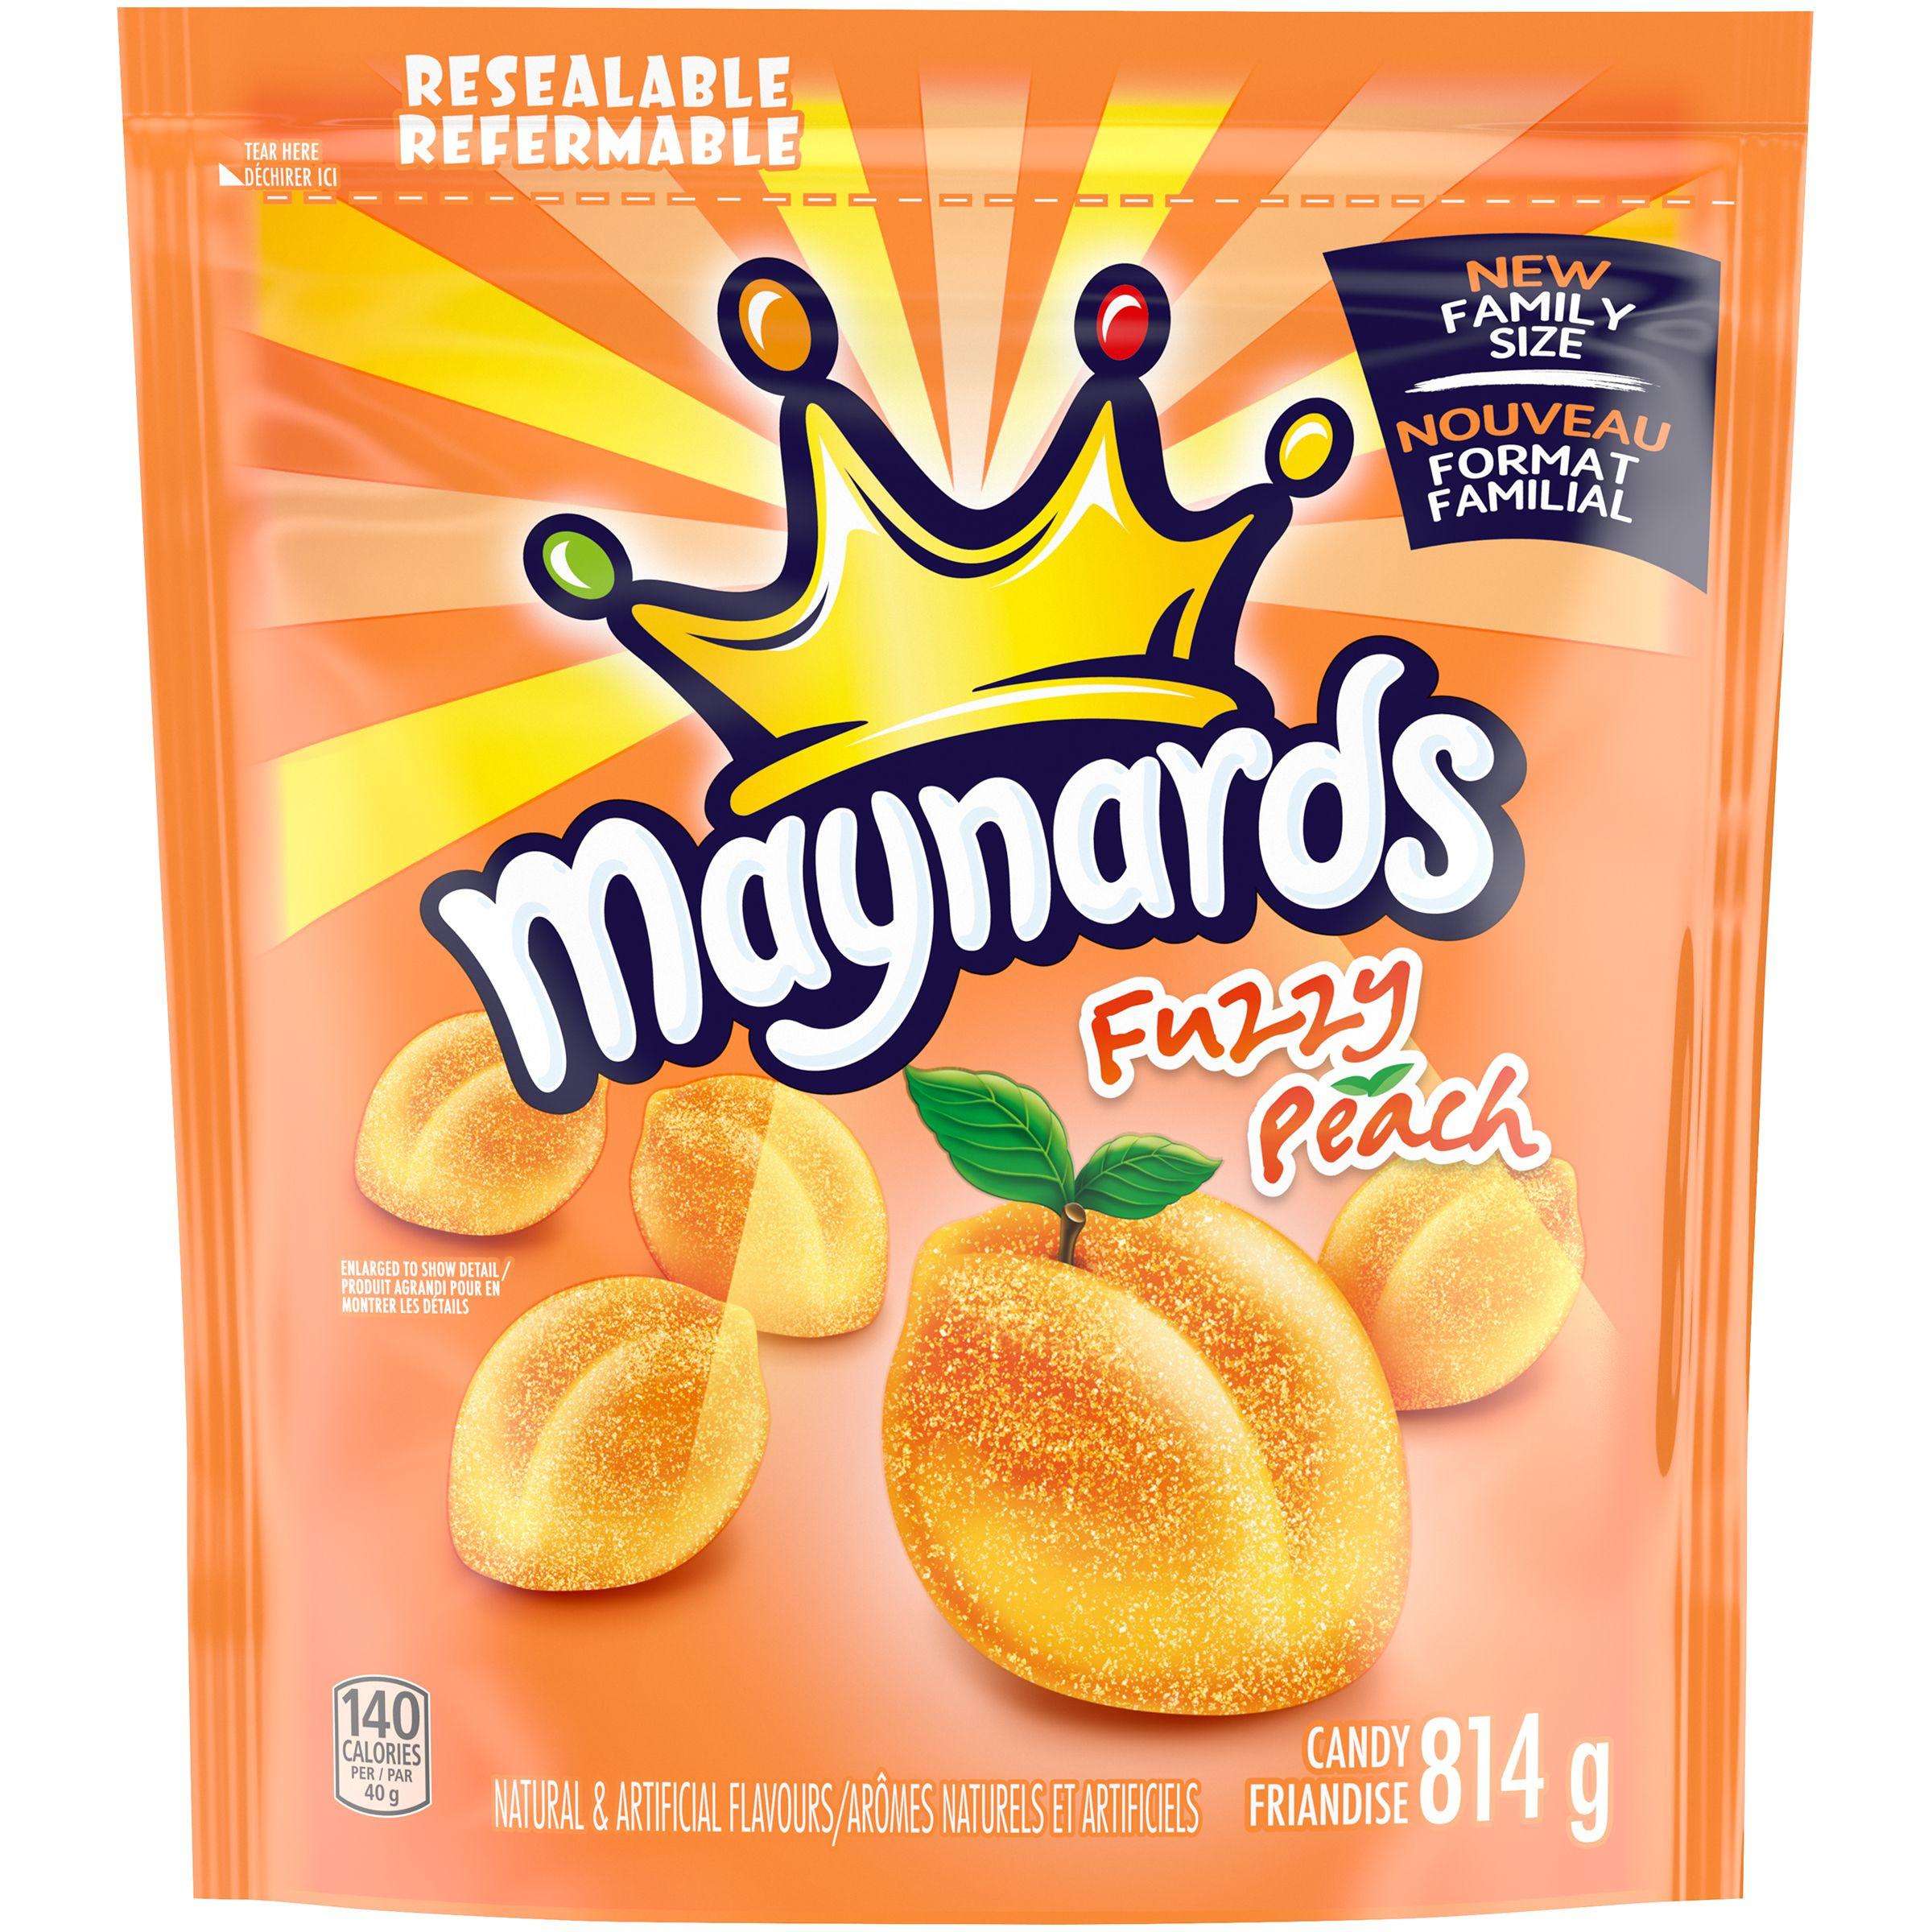 Maynards Fuzzy Peach Friandise Molle 814 G